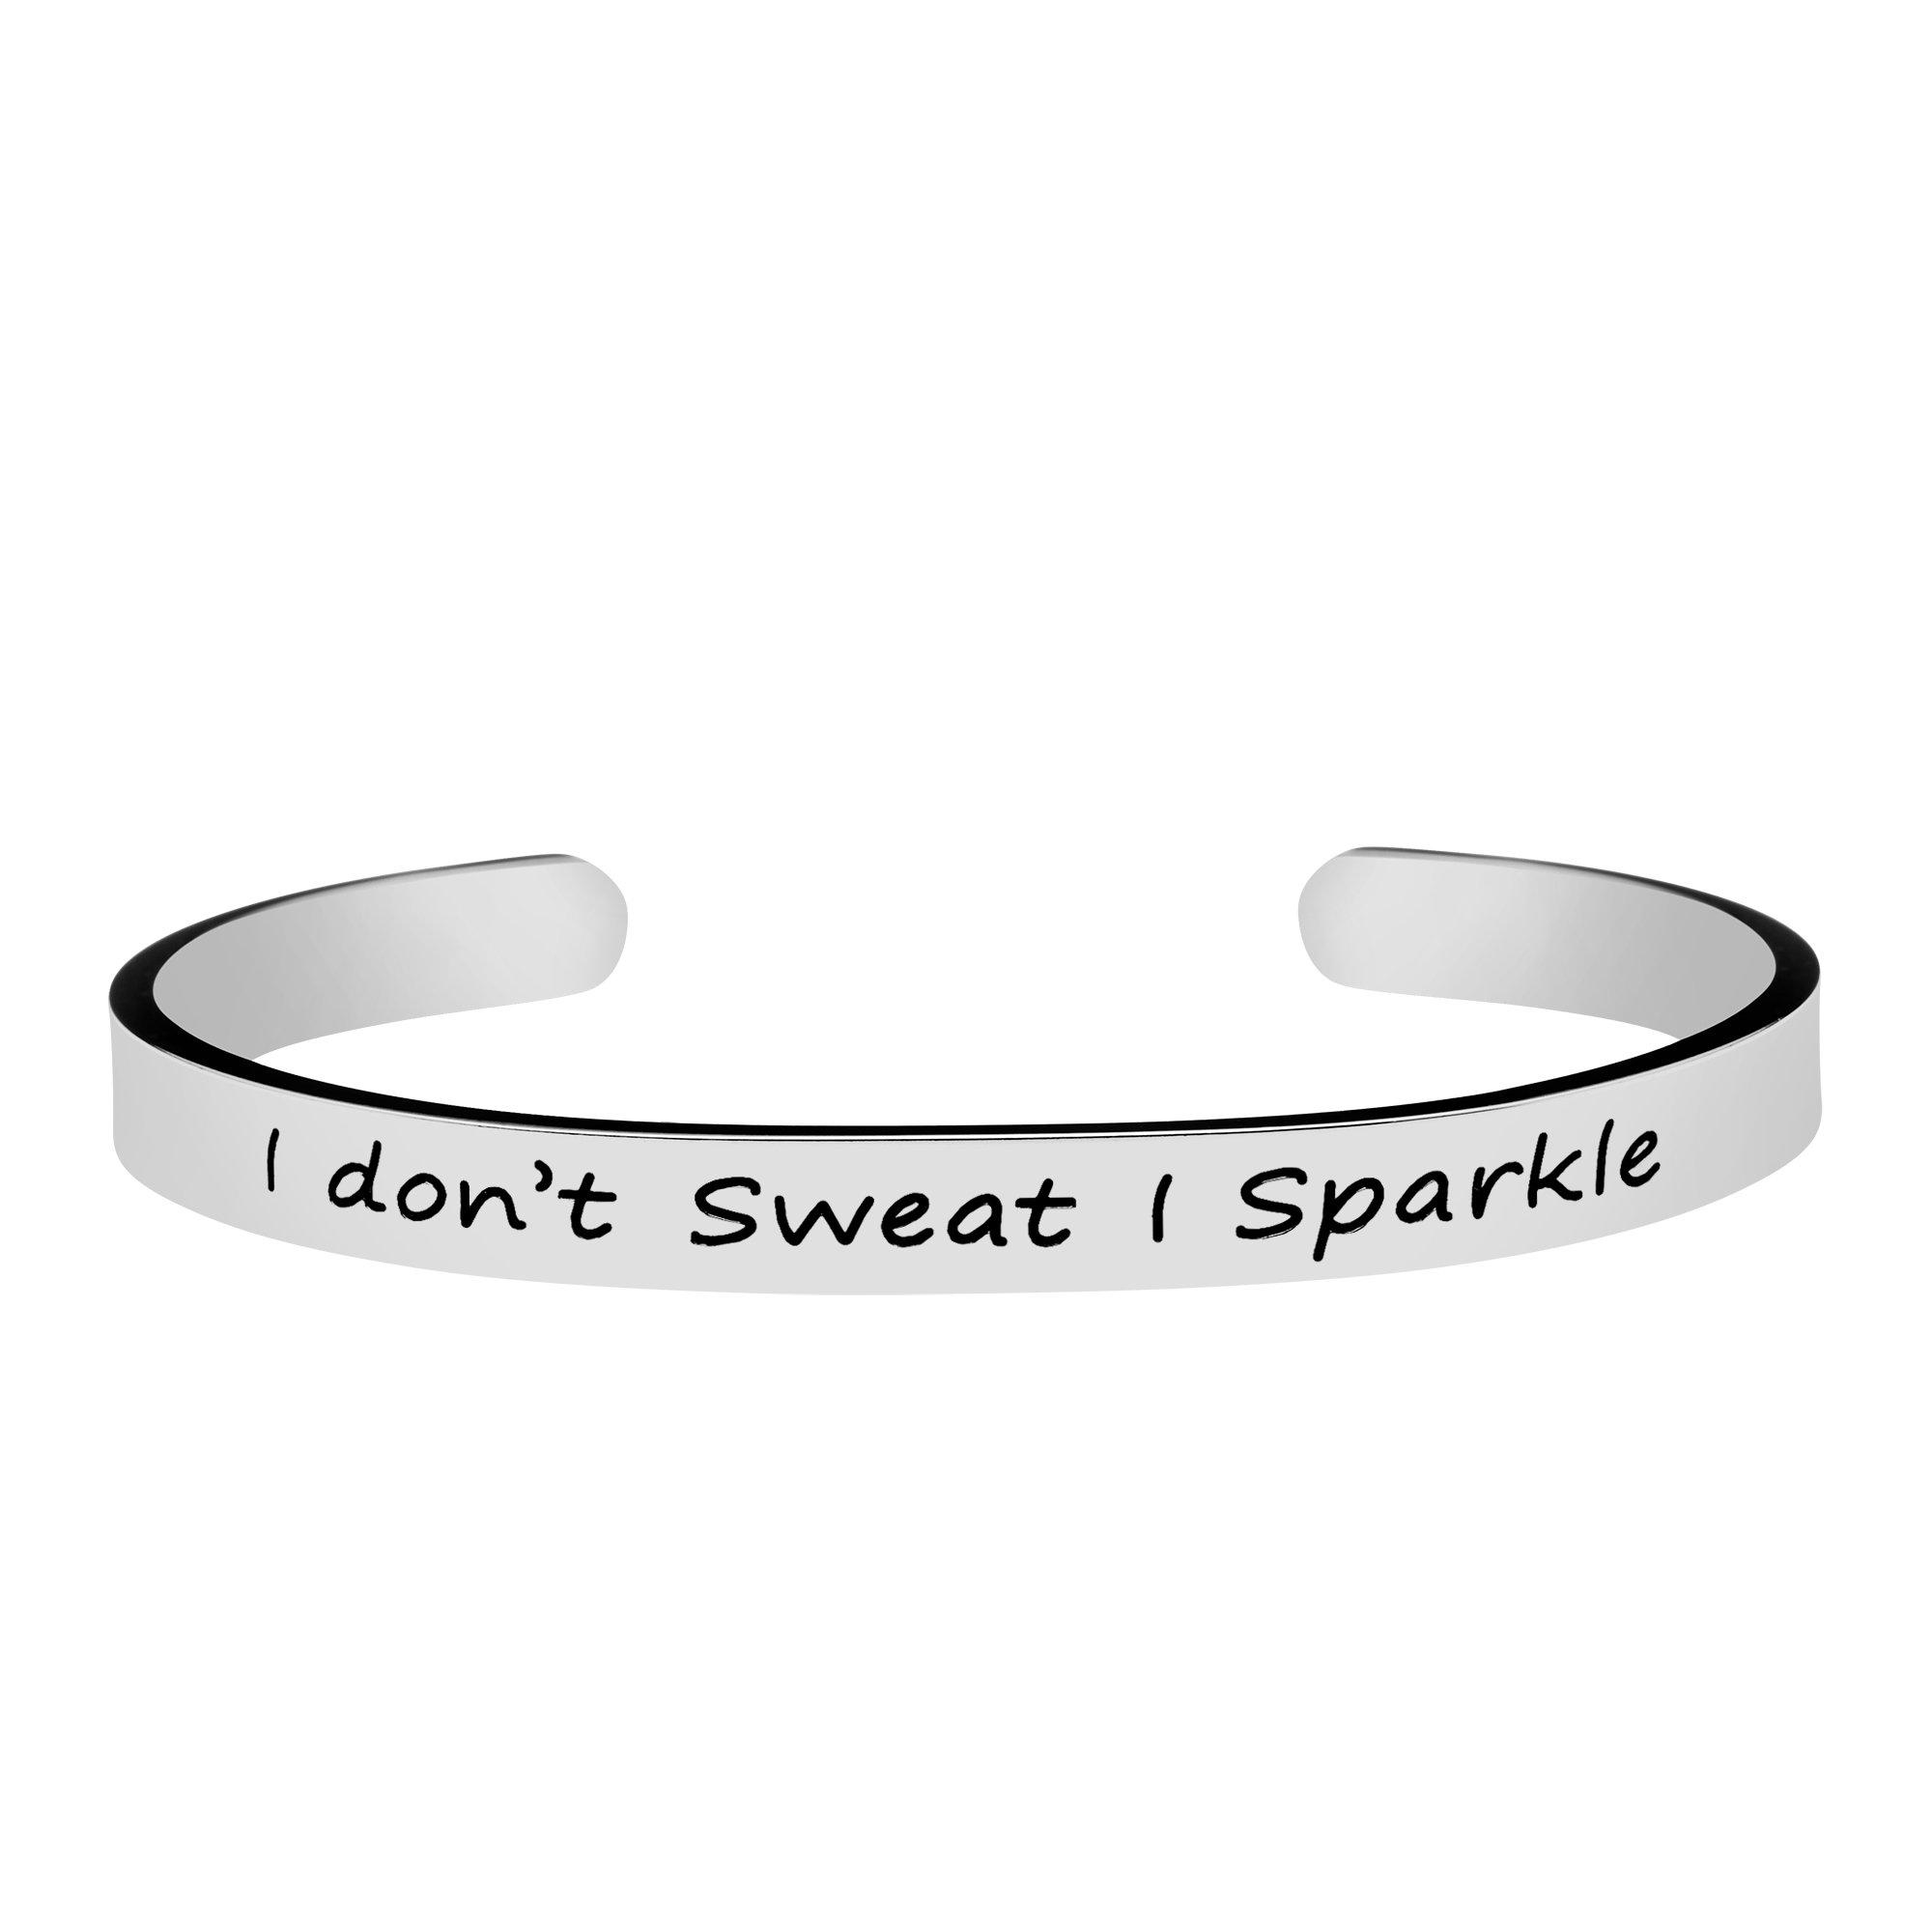 Joycuff Gym Workout Sport Fitness Jewelry for Women Silver Cuff Bracelet Mantra I Don't Sweat I Sparkle